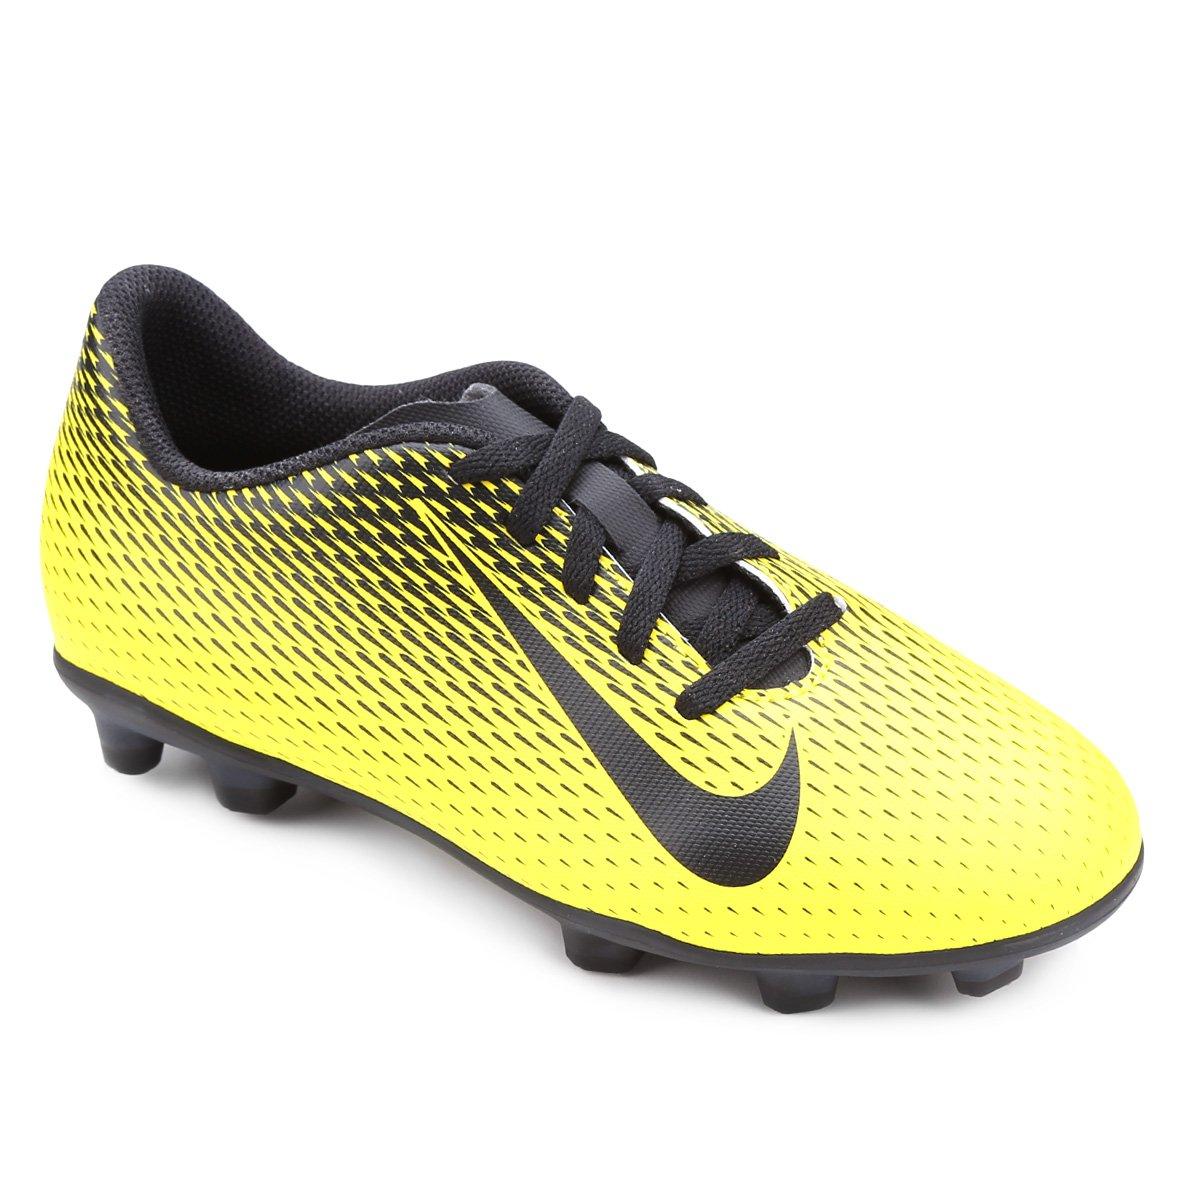 ff2988ad894e7 Chuteira Campo Infantil Nike Bravata II FG - Amarelo e Preto - Compre Agora